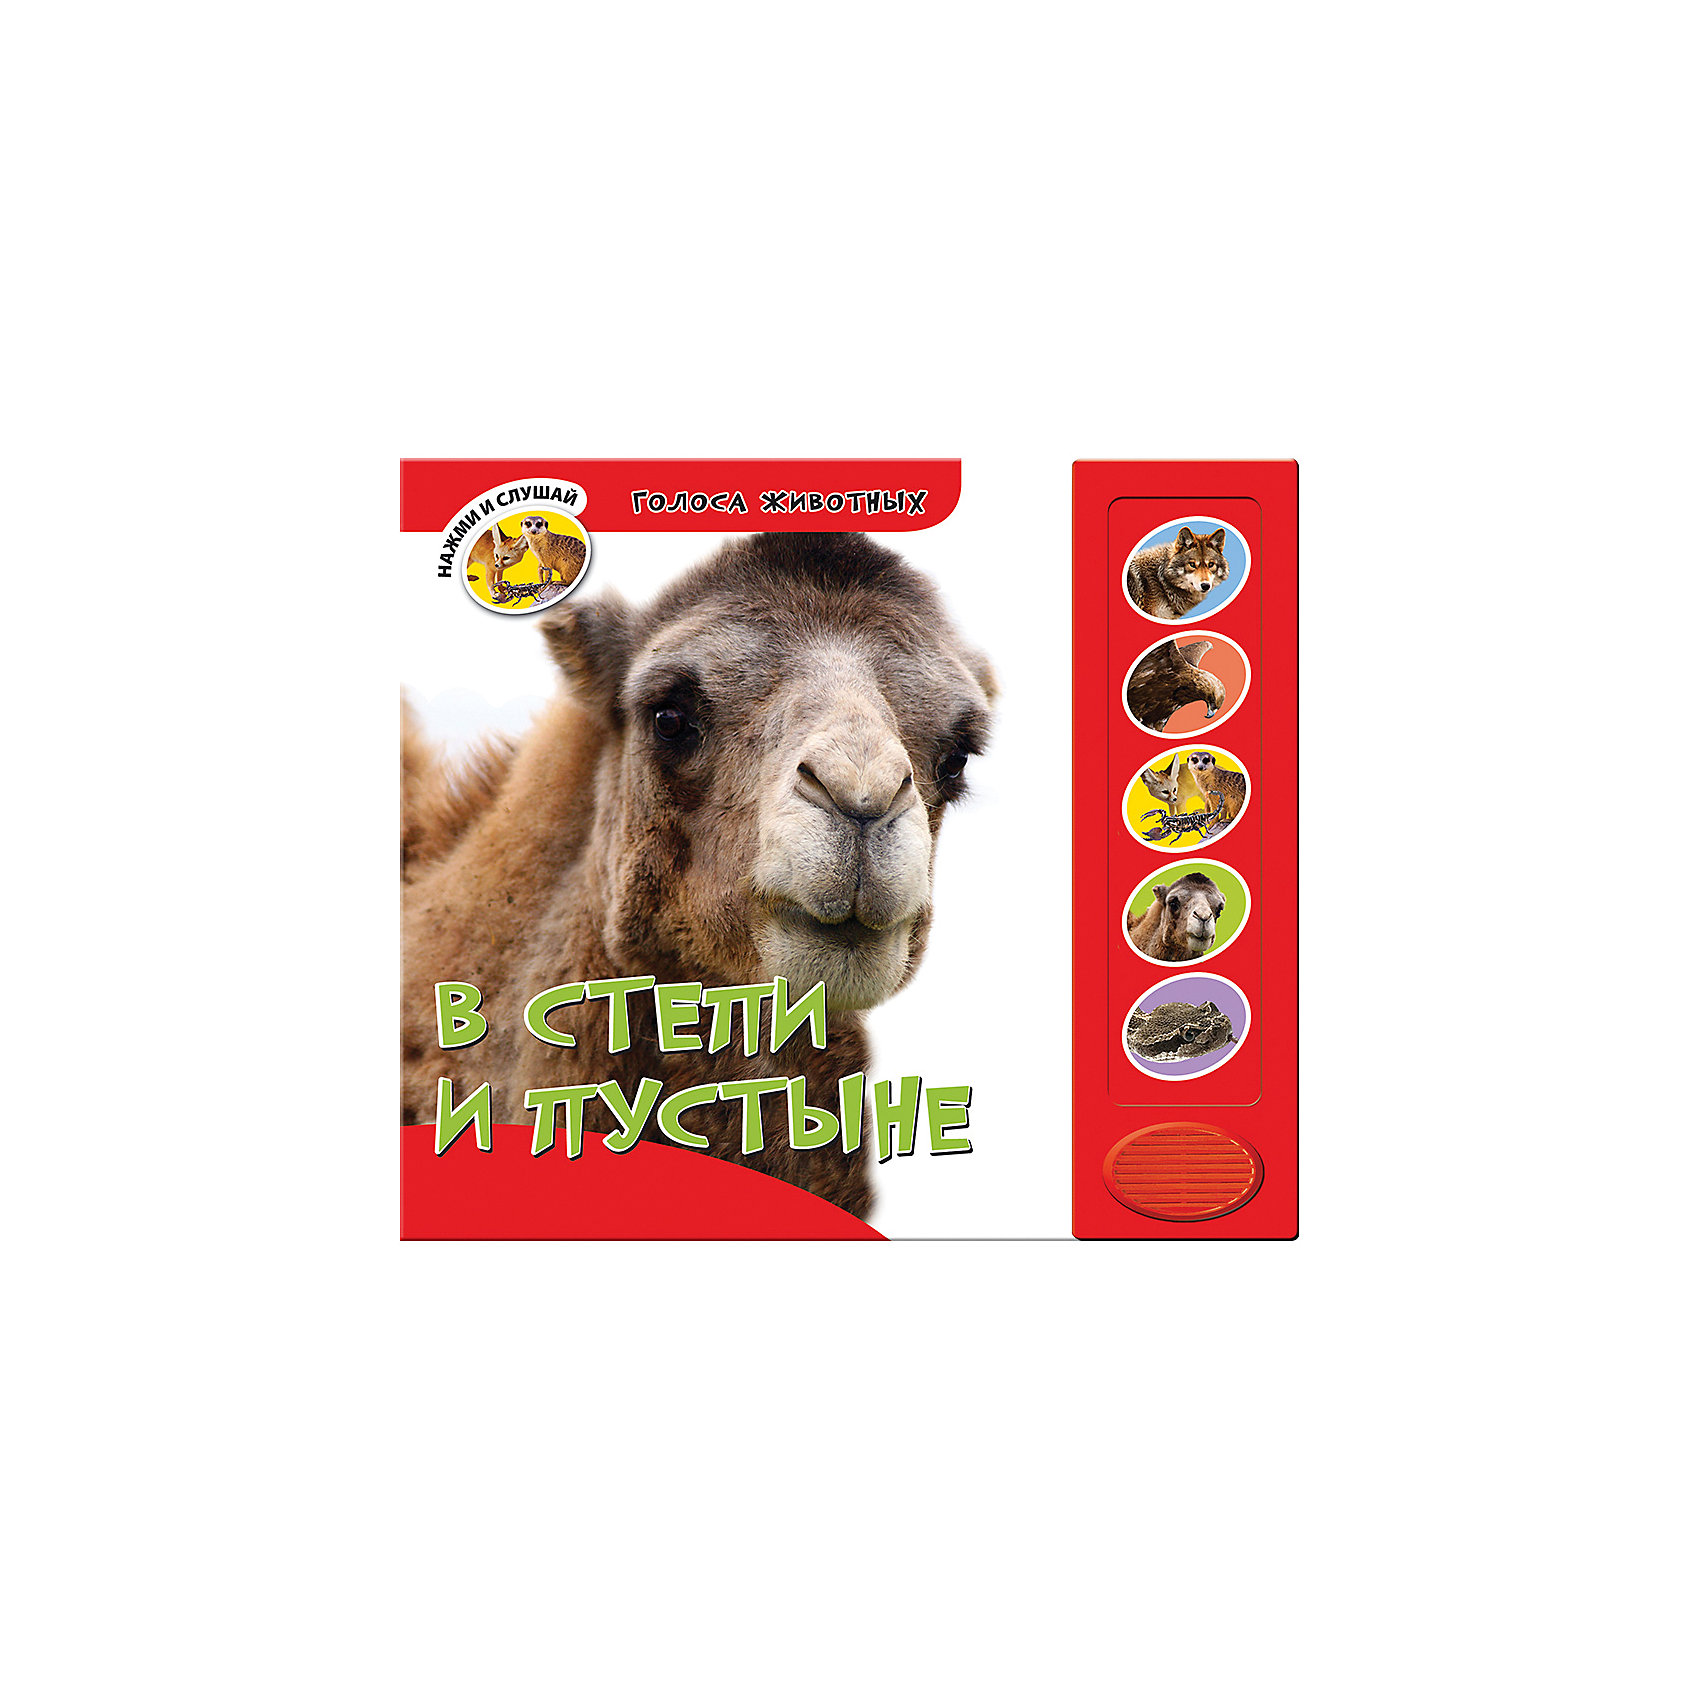 В степи и пустынеМузыкальные книги<br>Эта замечательная книга познакомит ребенка с удивительным миром степей и пустынь: малыш узнает о койоте, орле, верблюде и других обитателях степей и пустынь. Нажимай на кнопочки, чтобы послушать голоса животных и рассматривай яркие красочные иллюстрации. <br><br>Дополнительная информация:<br>  <br>- Переплет: картон.<br>- Формат: 21х17,5 см.<br>- Количество страниц: 14.<br>- Иллюстрации: цветные. <br>- Элемент питания: батарейки AG13/LR44 (в комплекте).<br><br>Книгу В степи и пустыне можно купить в нашем магазине.<br><br>Ширина мм: 200<br>Глубина мм: 150<br>Высота мм: 20<br>Вес г: 285<br>Возраст от месяцев: 24<br>Возраст до месяцев: 60<br>Пол: Унисекс<br>Возраст: Детский<br>SKU: 4603749